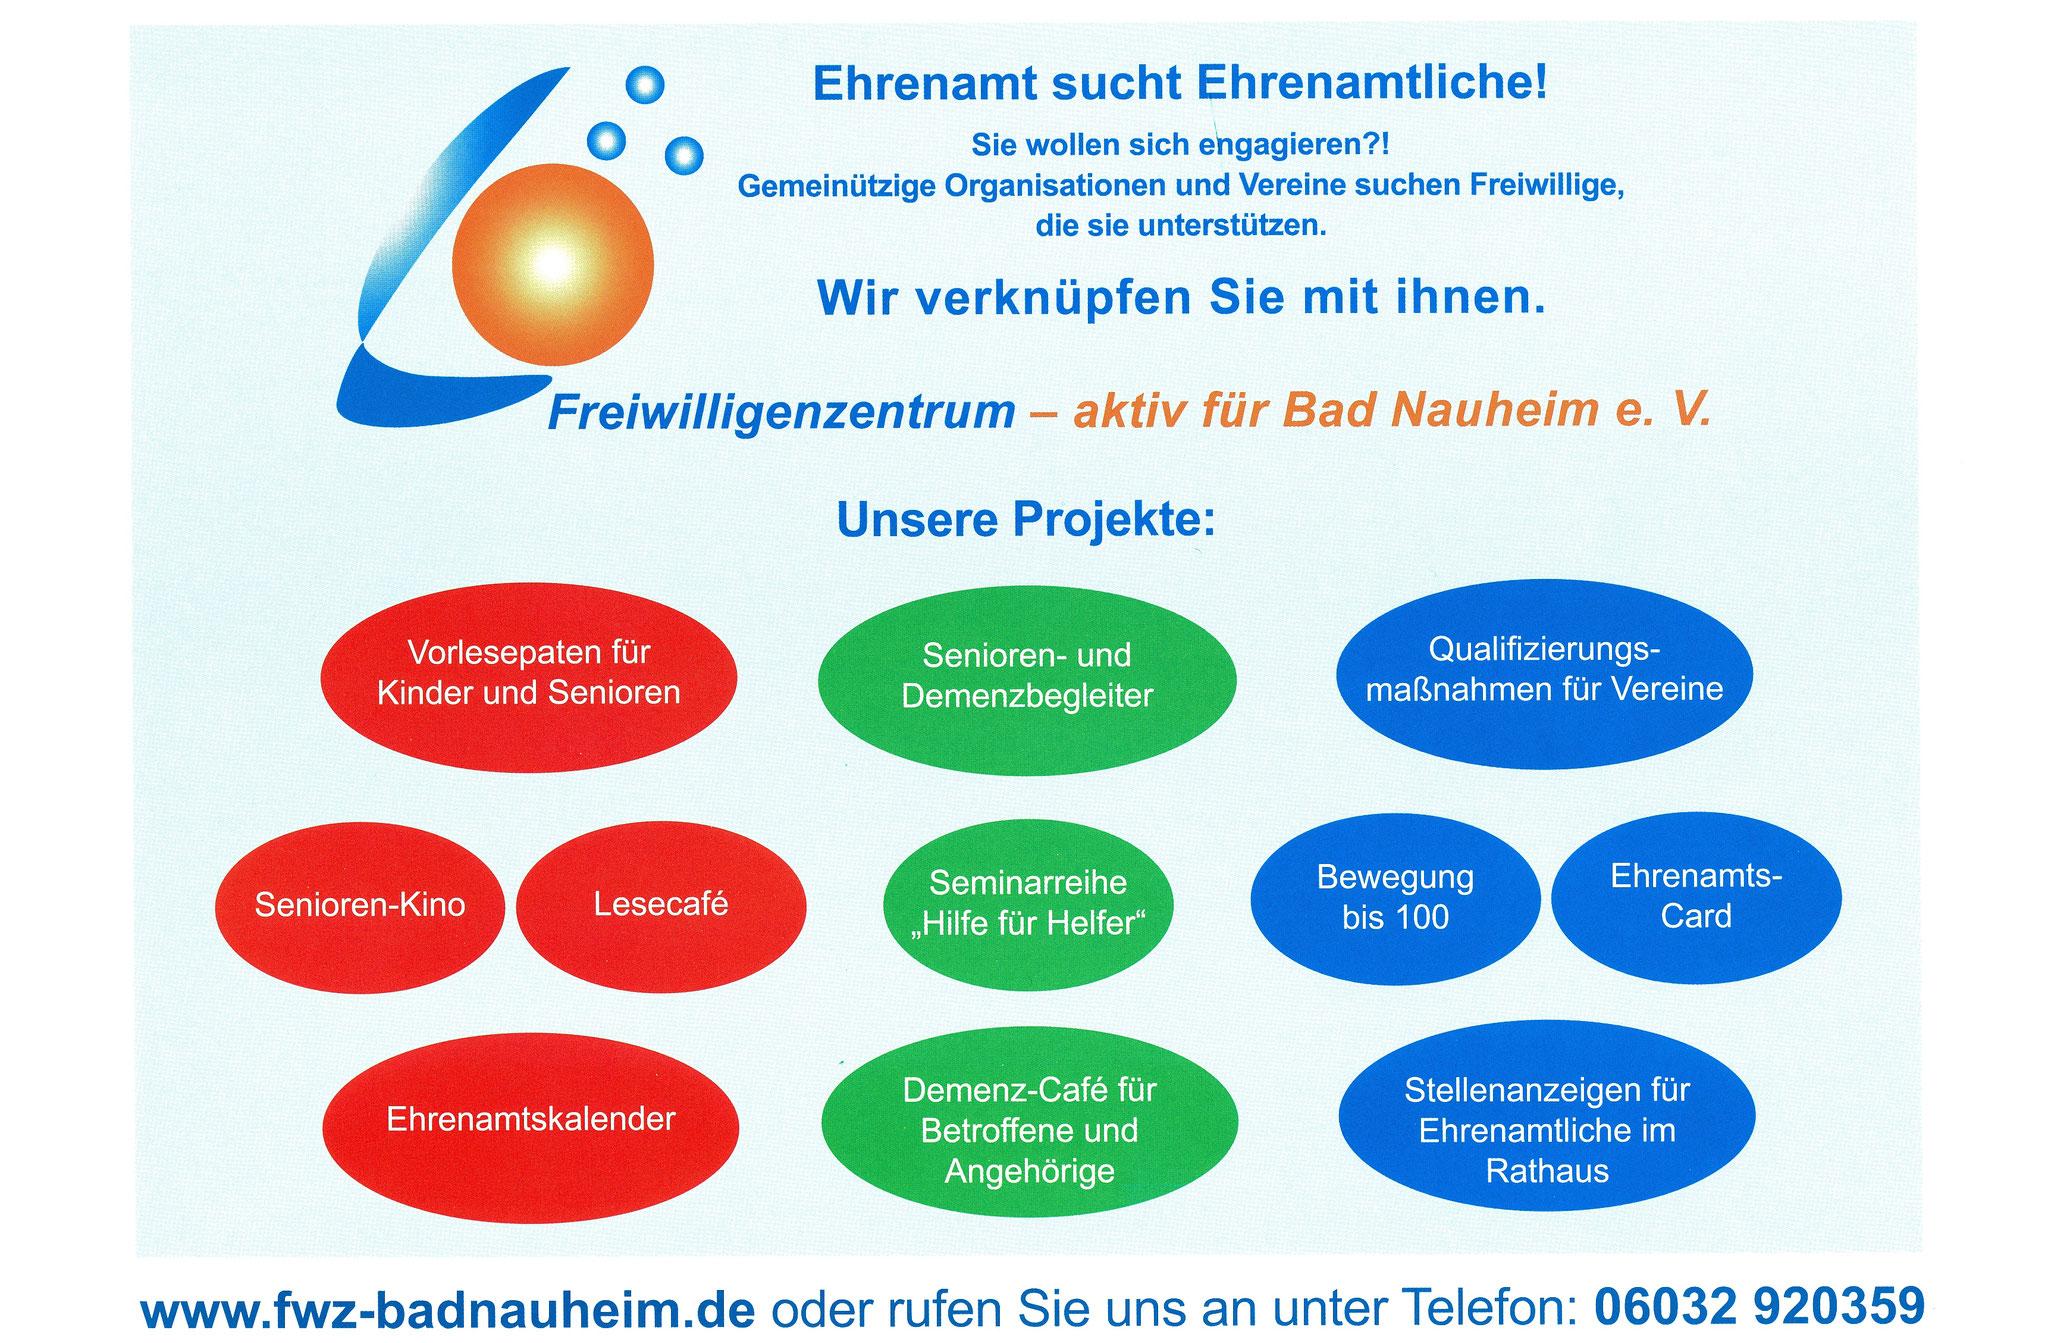 FWZ-Projekte - Ehrenamtskalender 2016 des Freiwilligenzentrums Bad Nauheim